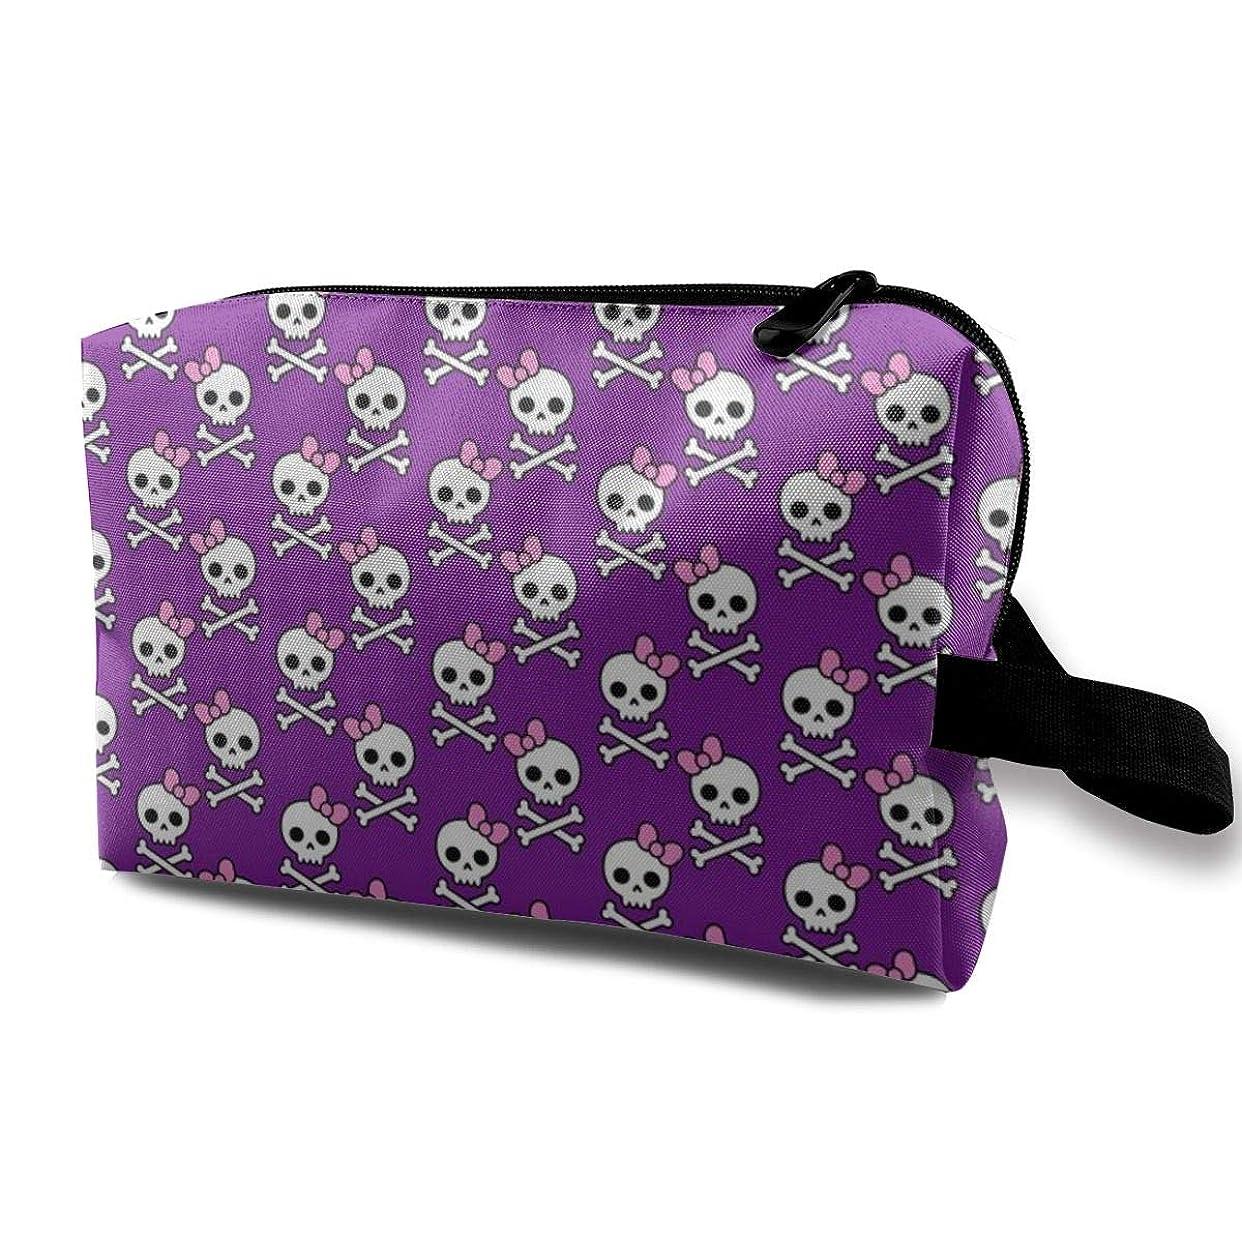 擬人委員会計画的化粧ポーチ コンパクトサイズ,かわいいスカルMicro_4074、オックスフォードの布の多彩な袋の小型旅行